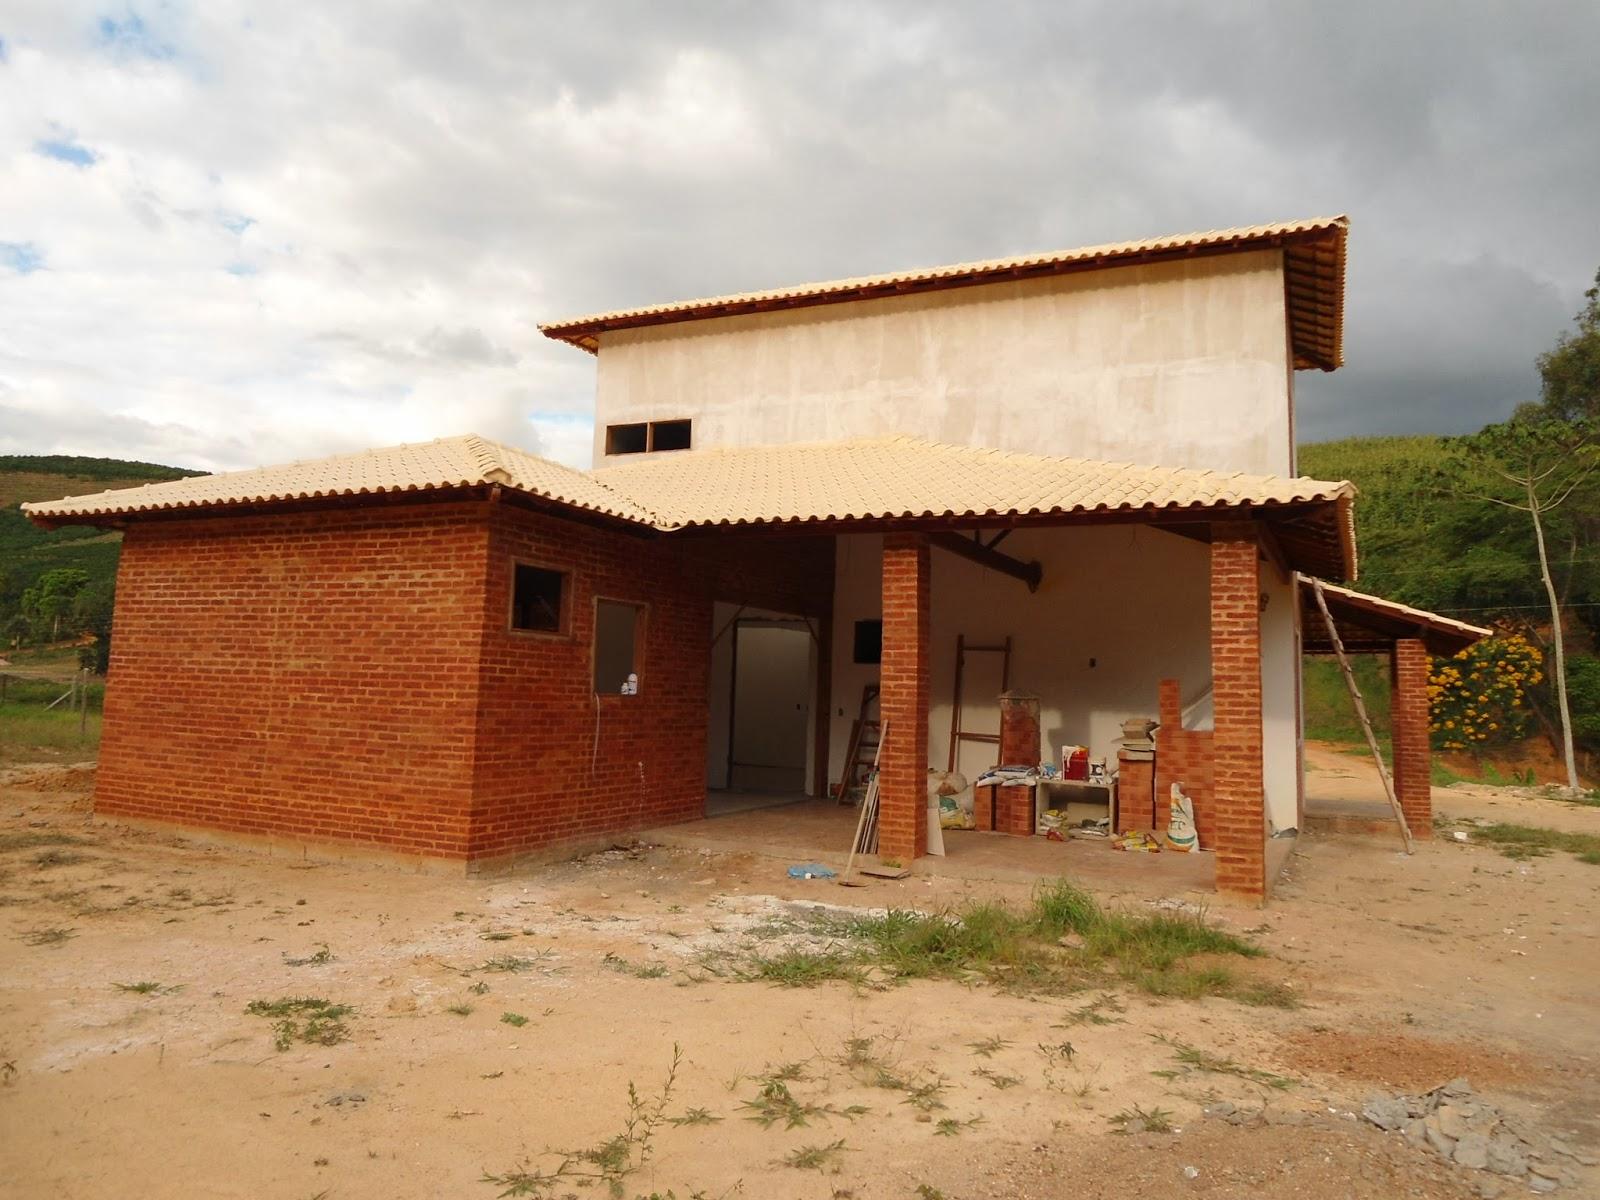 #823E1A os cômodos existentes no caso um quarto banheiro e cozinha e  1600x1200 px projeto de quarto com banheiro e varanda